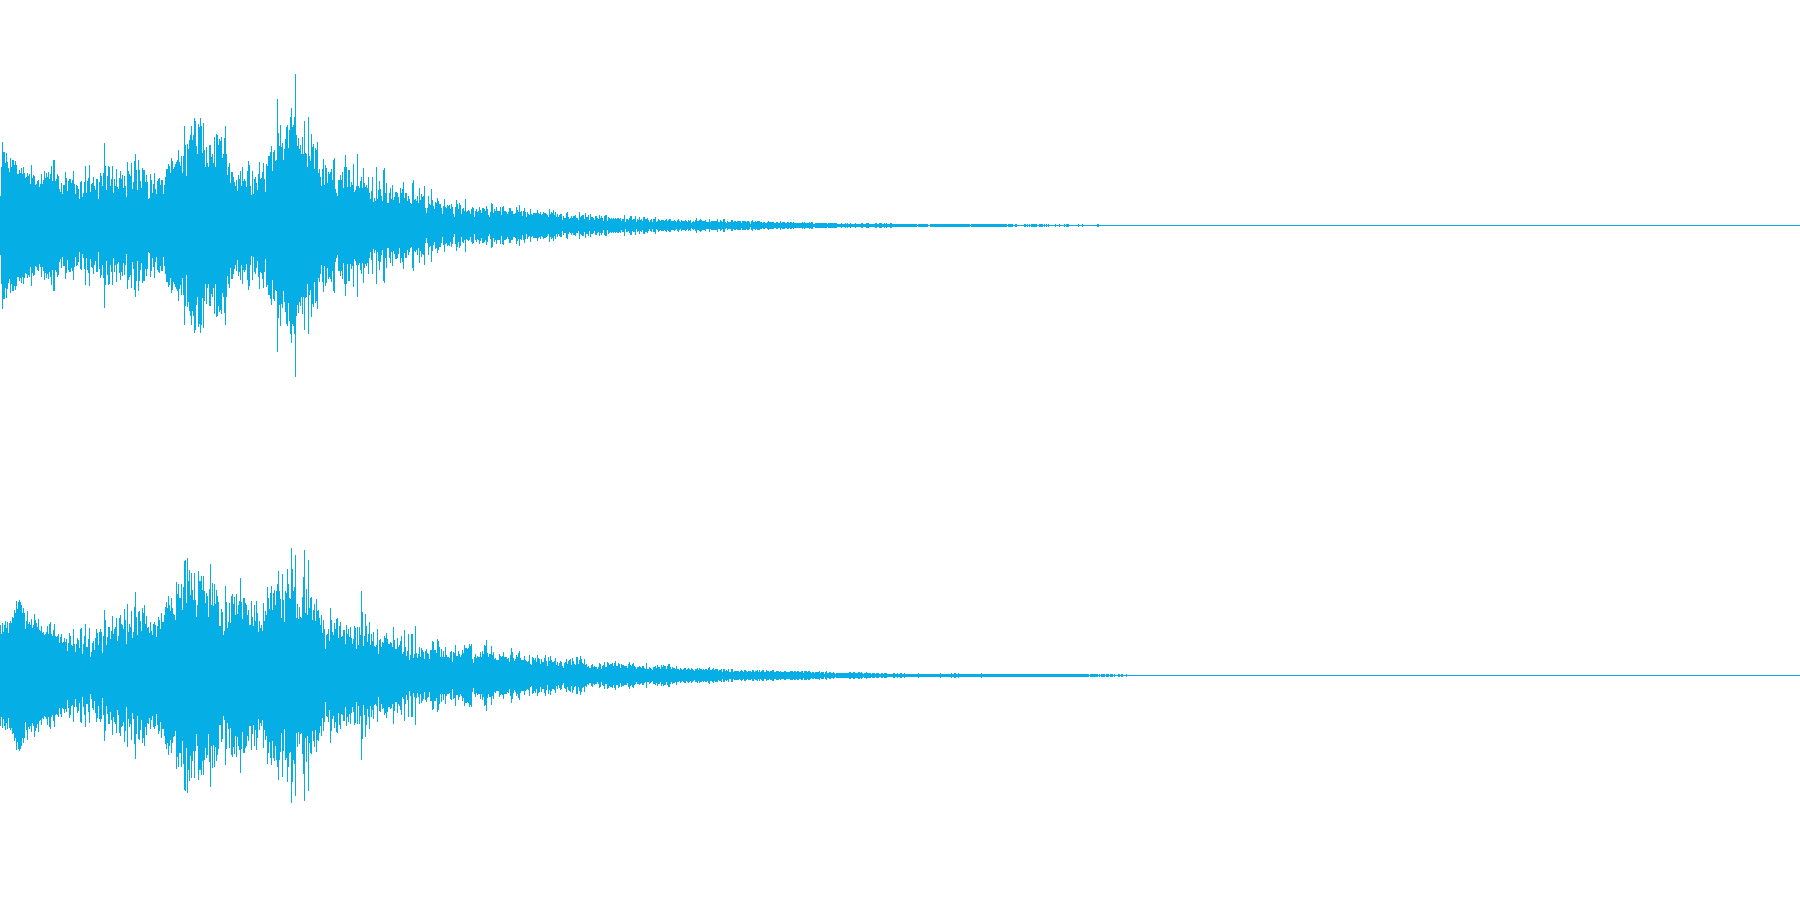 システム起動音_その3の再生済みの波形